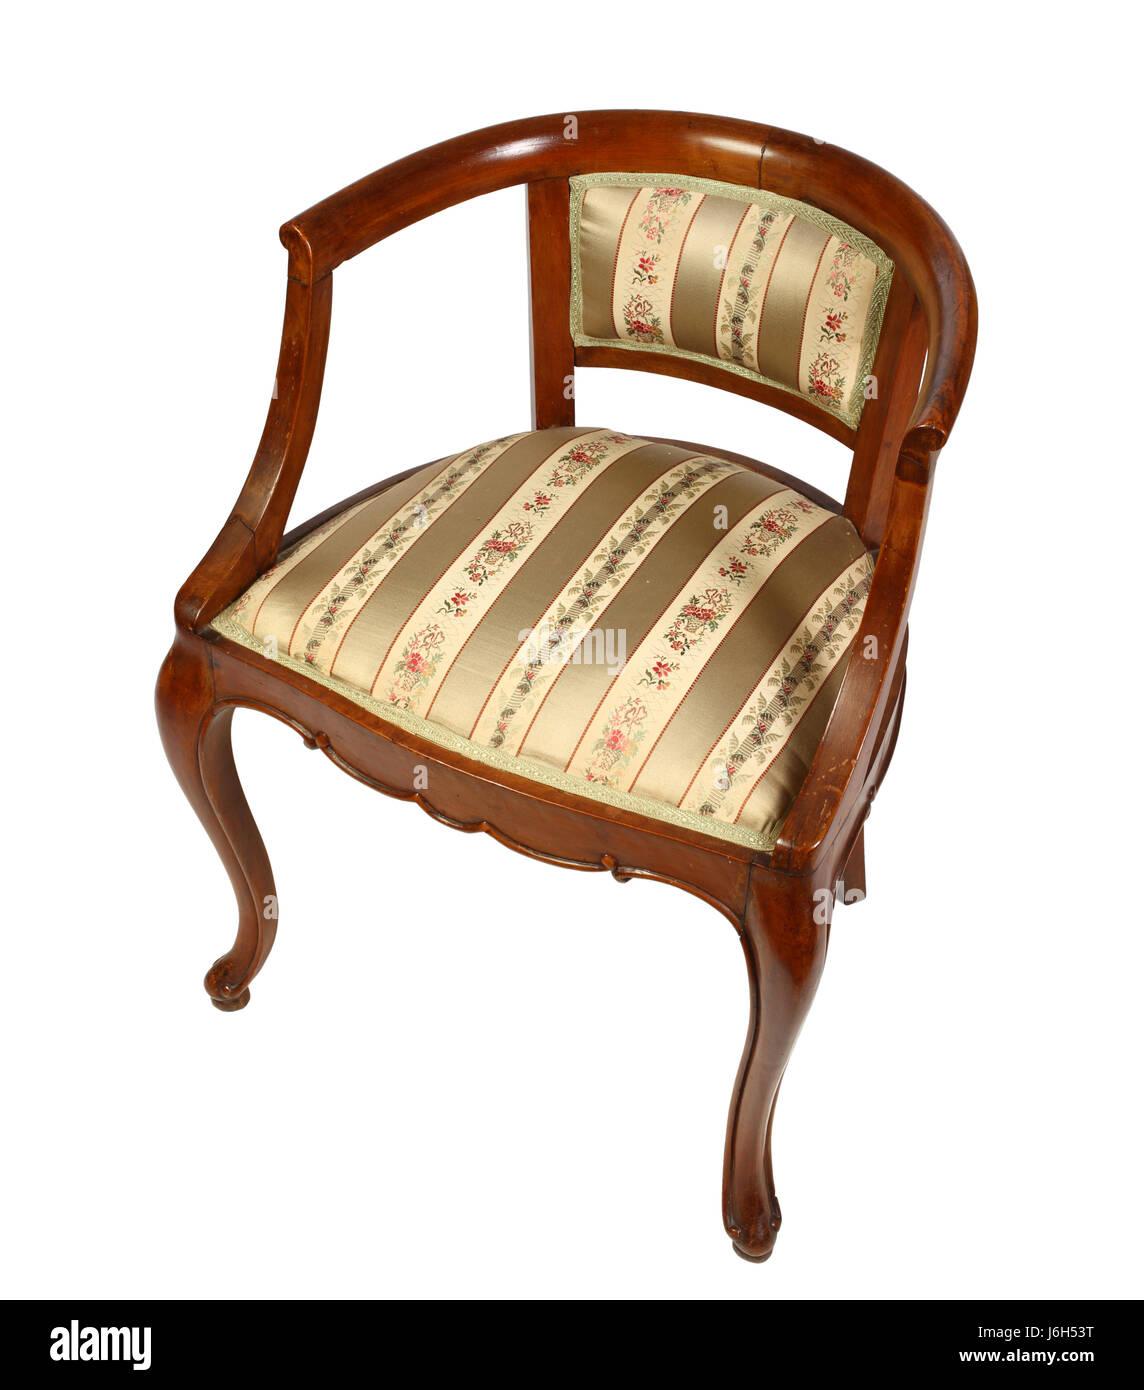 Holz Antik Vintage Im Alter Von Alten Stuhl Clasic Klassische Sessel